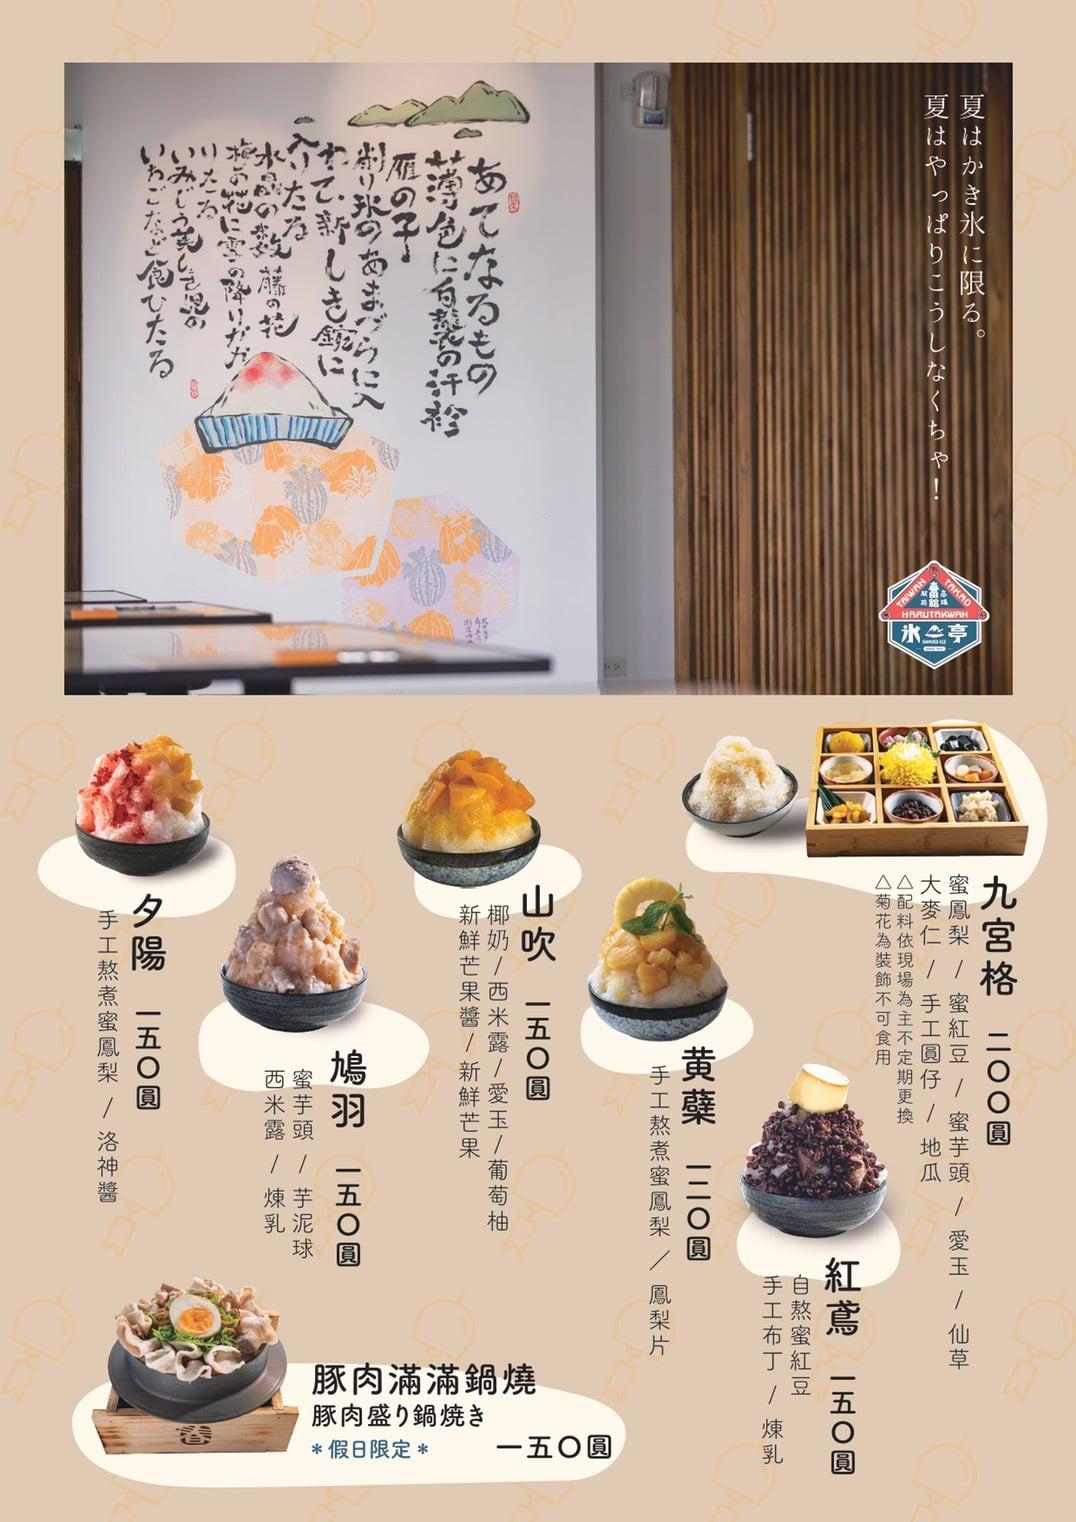 春田氷亭 刨冰 貿易商大樓 新濱驛站 春田冰亭 菜單